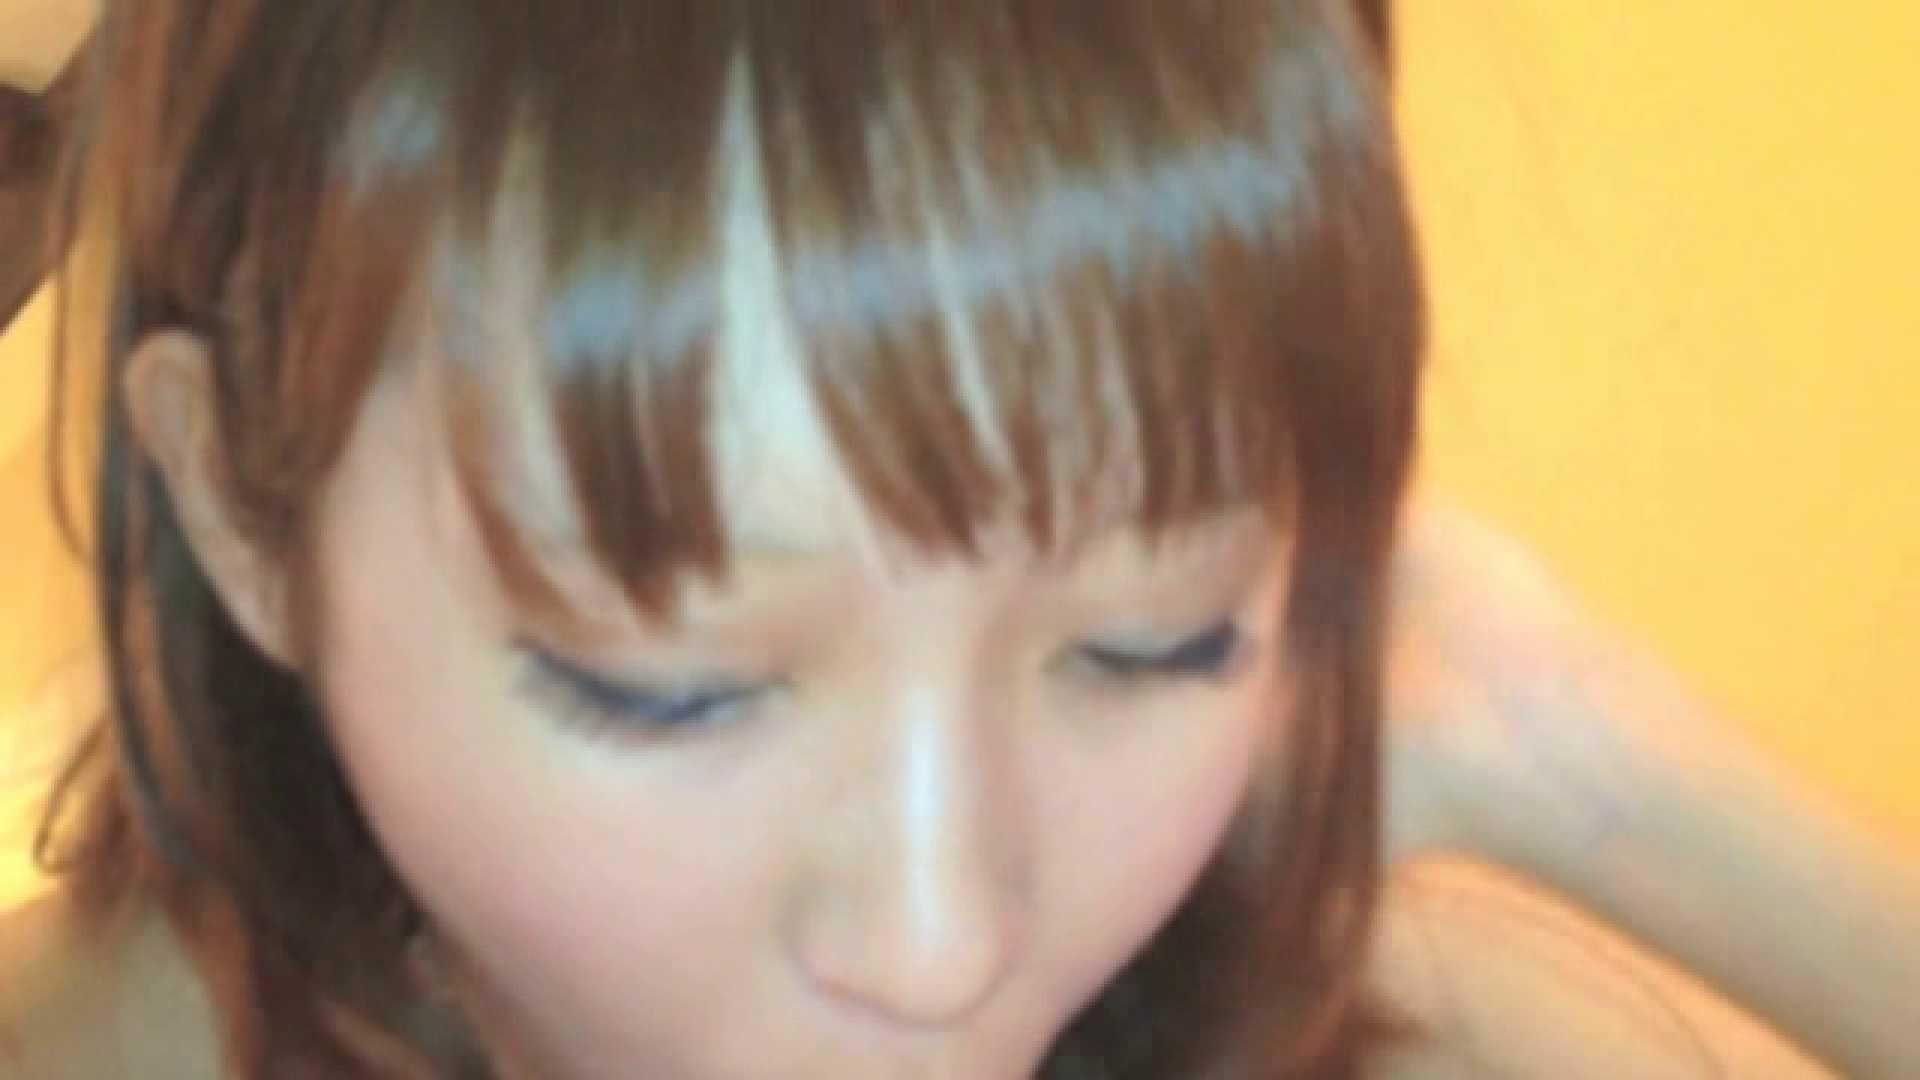 ドラゴン2世 チャラ男の個人撮影 Vol.06 超かわいい彼女 ゆいか 18才 Part.03 ついにハメ撮り 素人エロ画像  50PICs 32